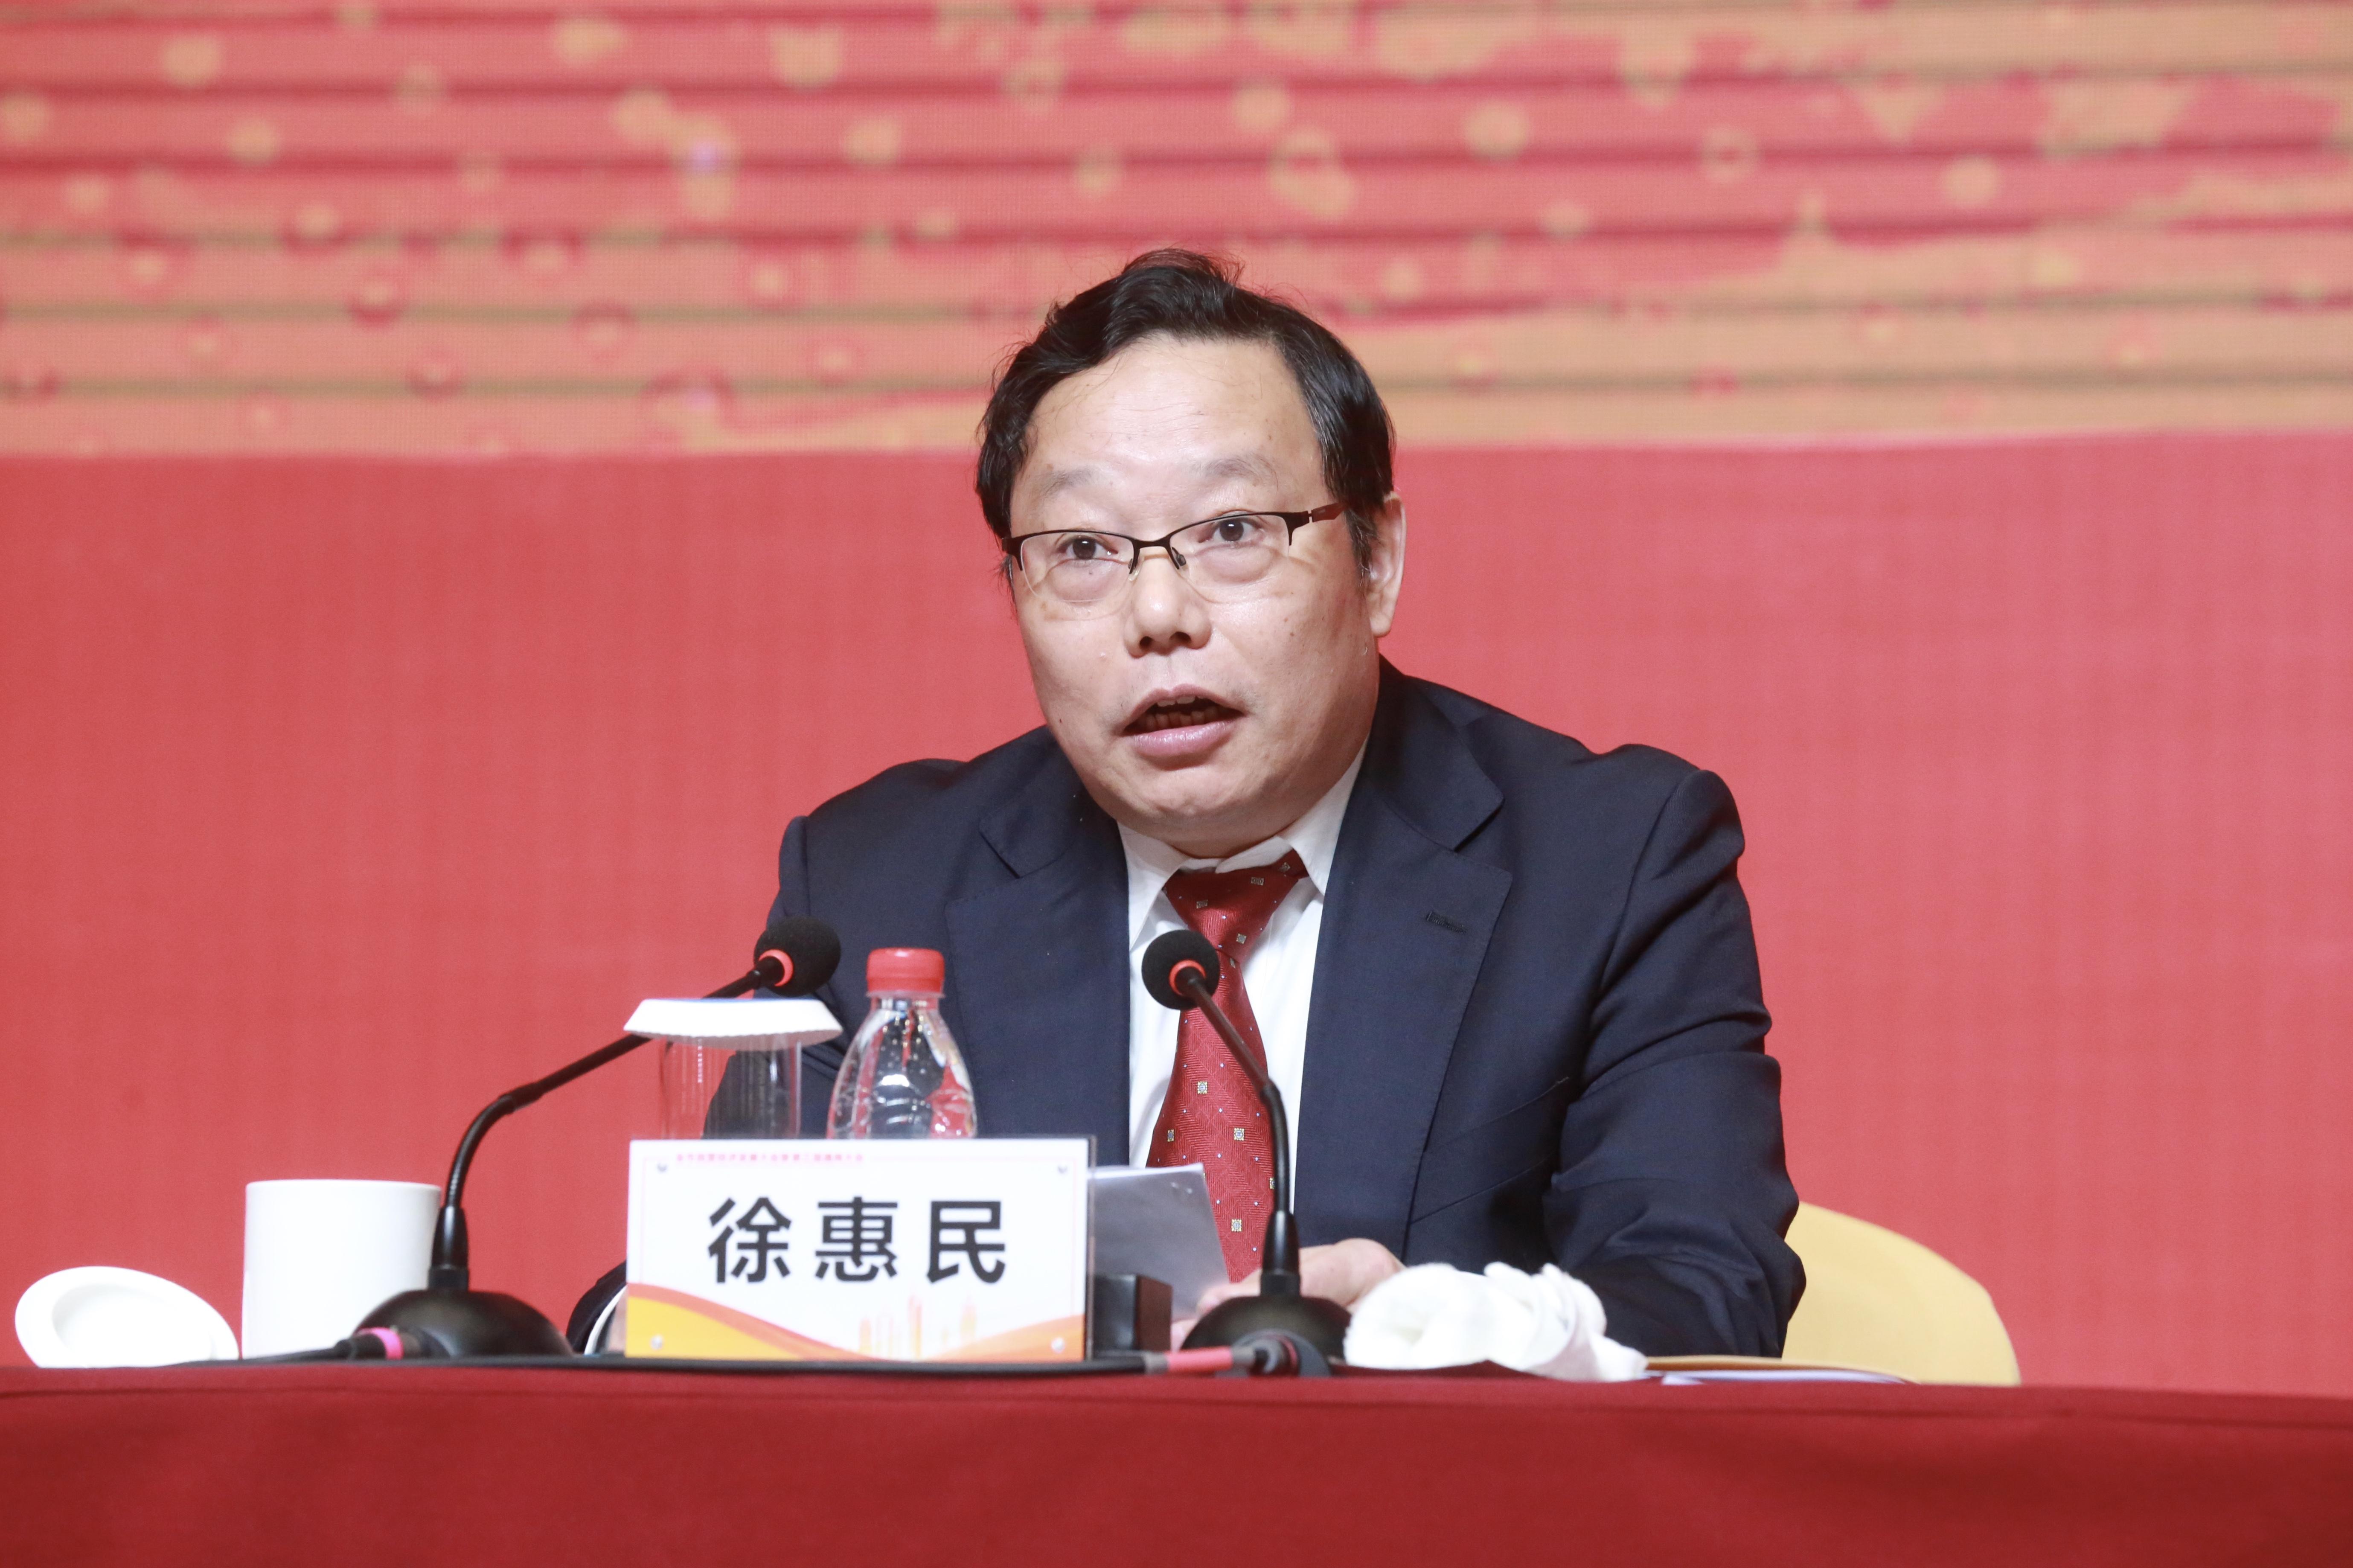 南通市委书记、市人大常委会主任徐惠民发表了热情洋溢的讲话